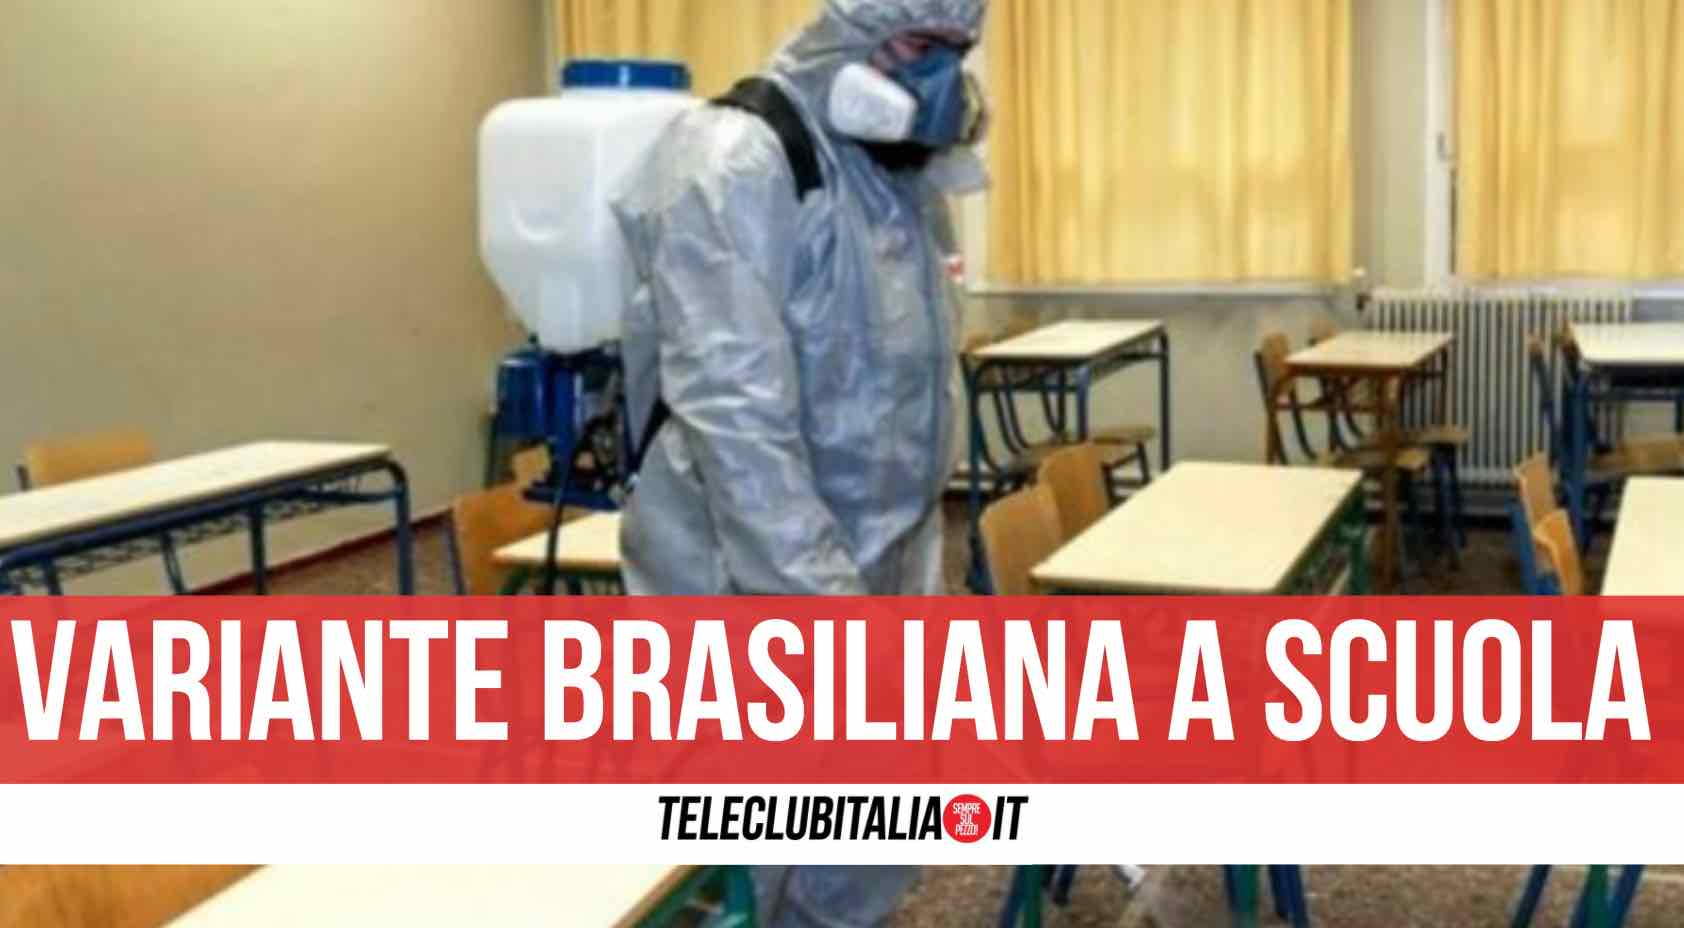 variante brasiliana scuola roma